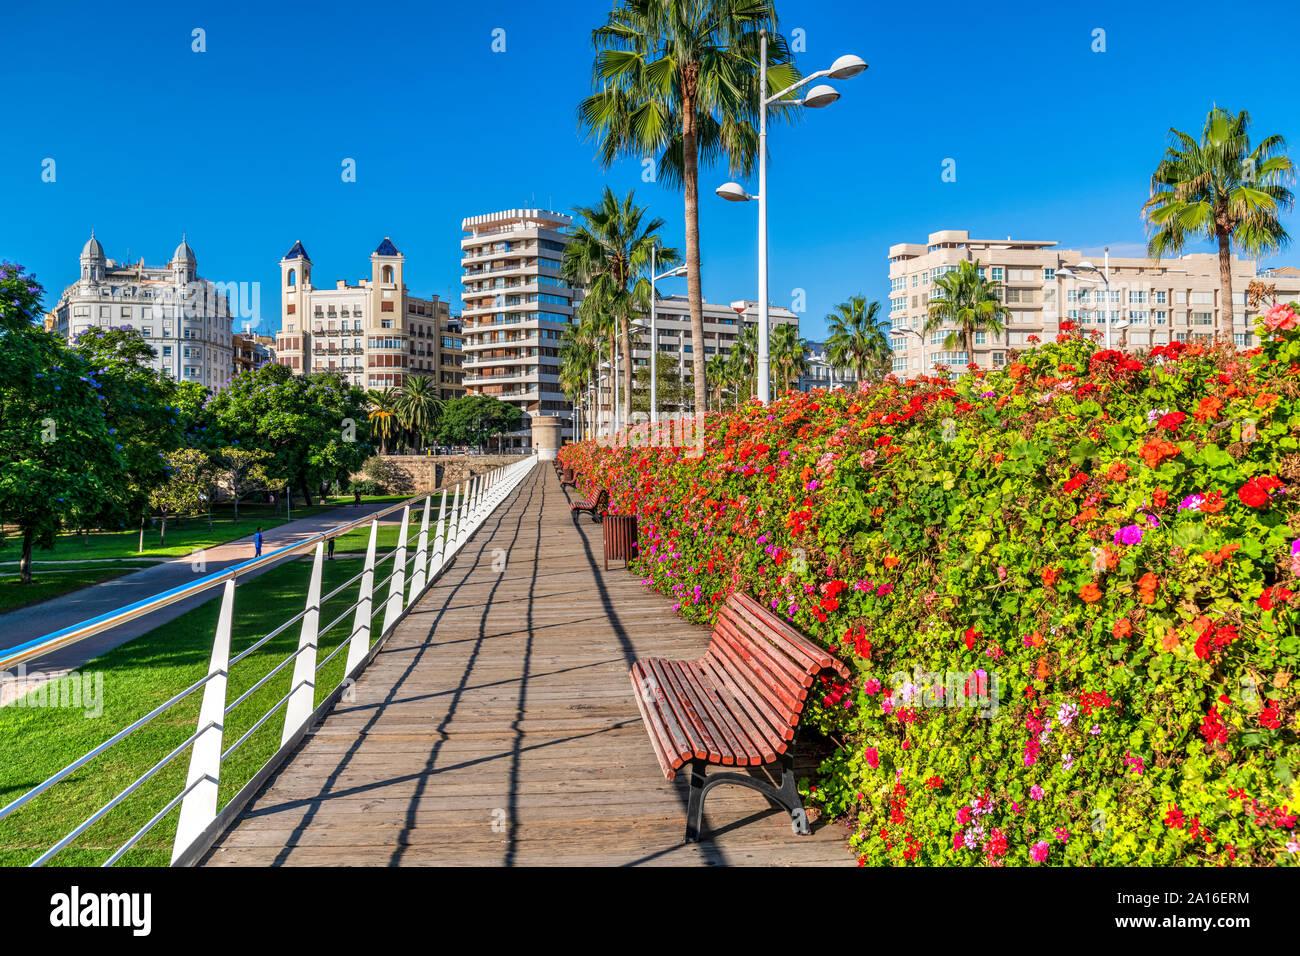 Puente de las Flores bridge, Valencia, Comunidad Valenciana, Spain Stock Photo